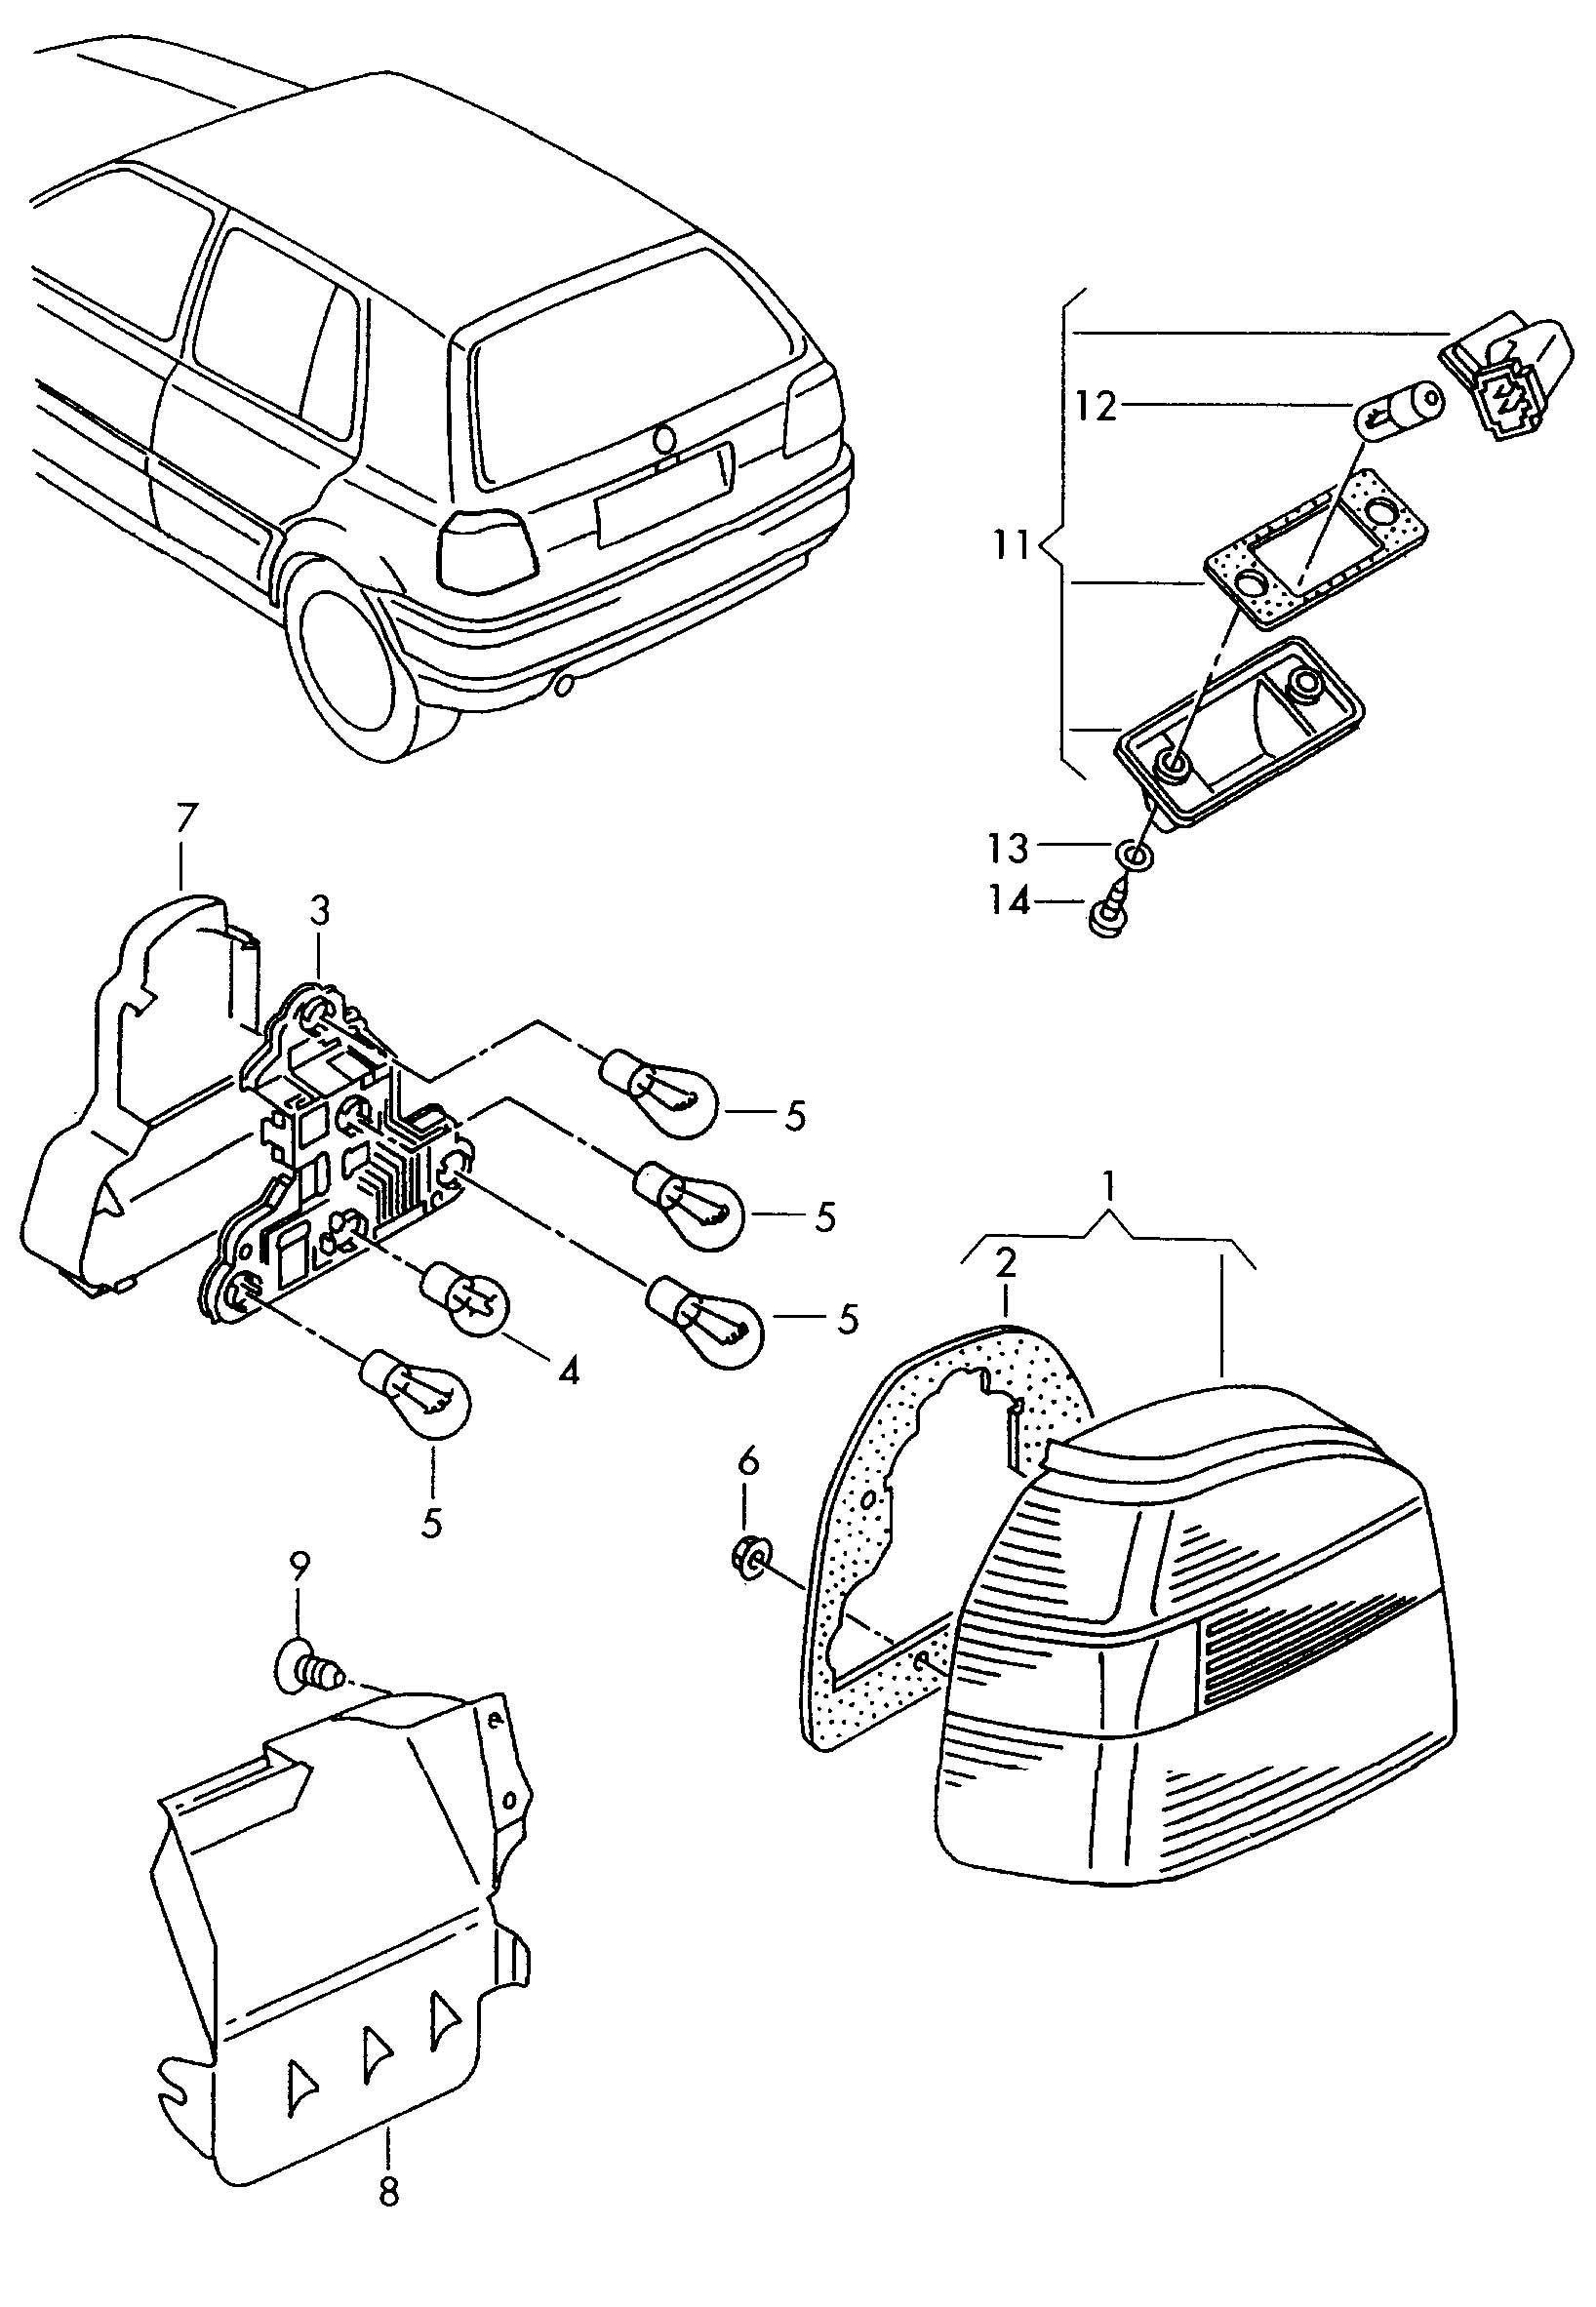 1996 Volkswagen Golf Bulb holder. RETAINER FOR BULB SOCKET